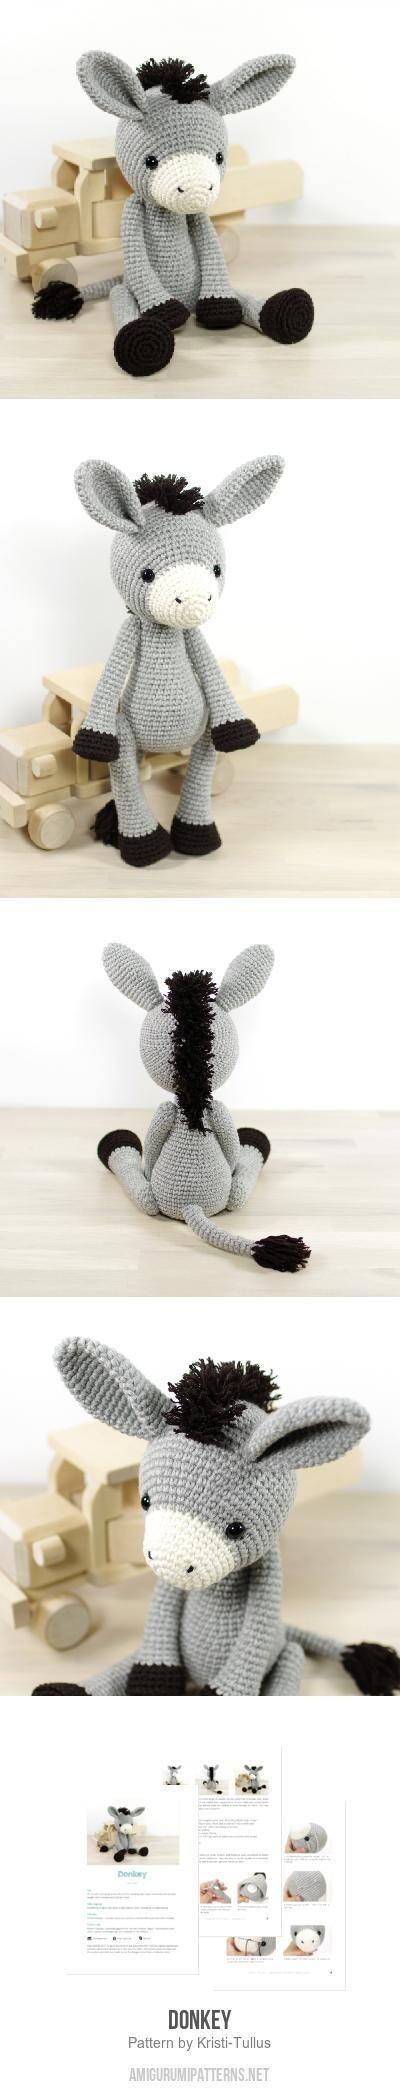 Crochet Toy Hammock Free Pattern Crochet Stuffed Animal Hammock Best Of Donkey Amigurumi Pattern